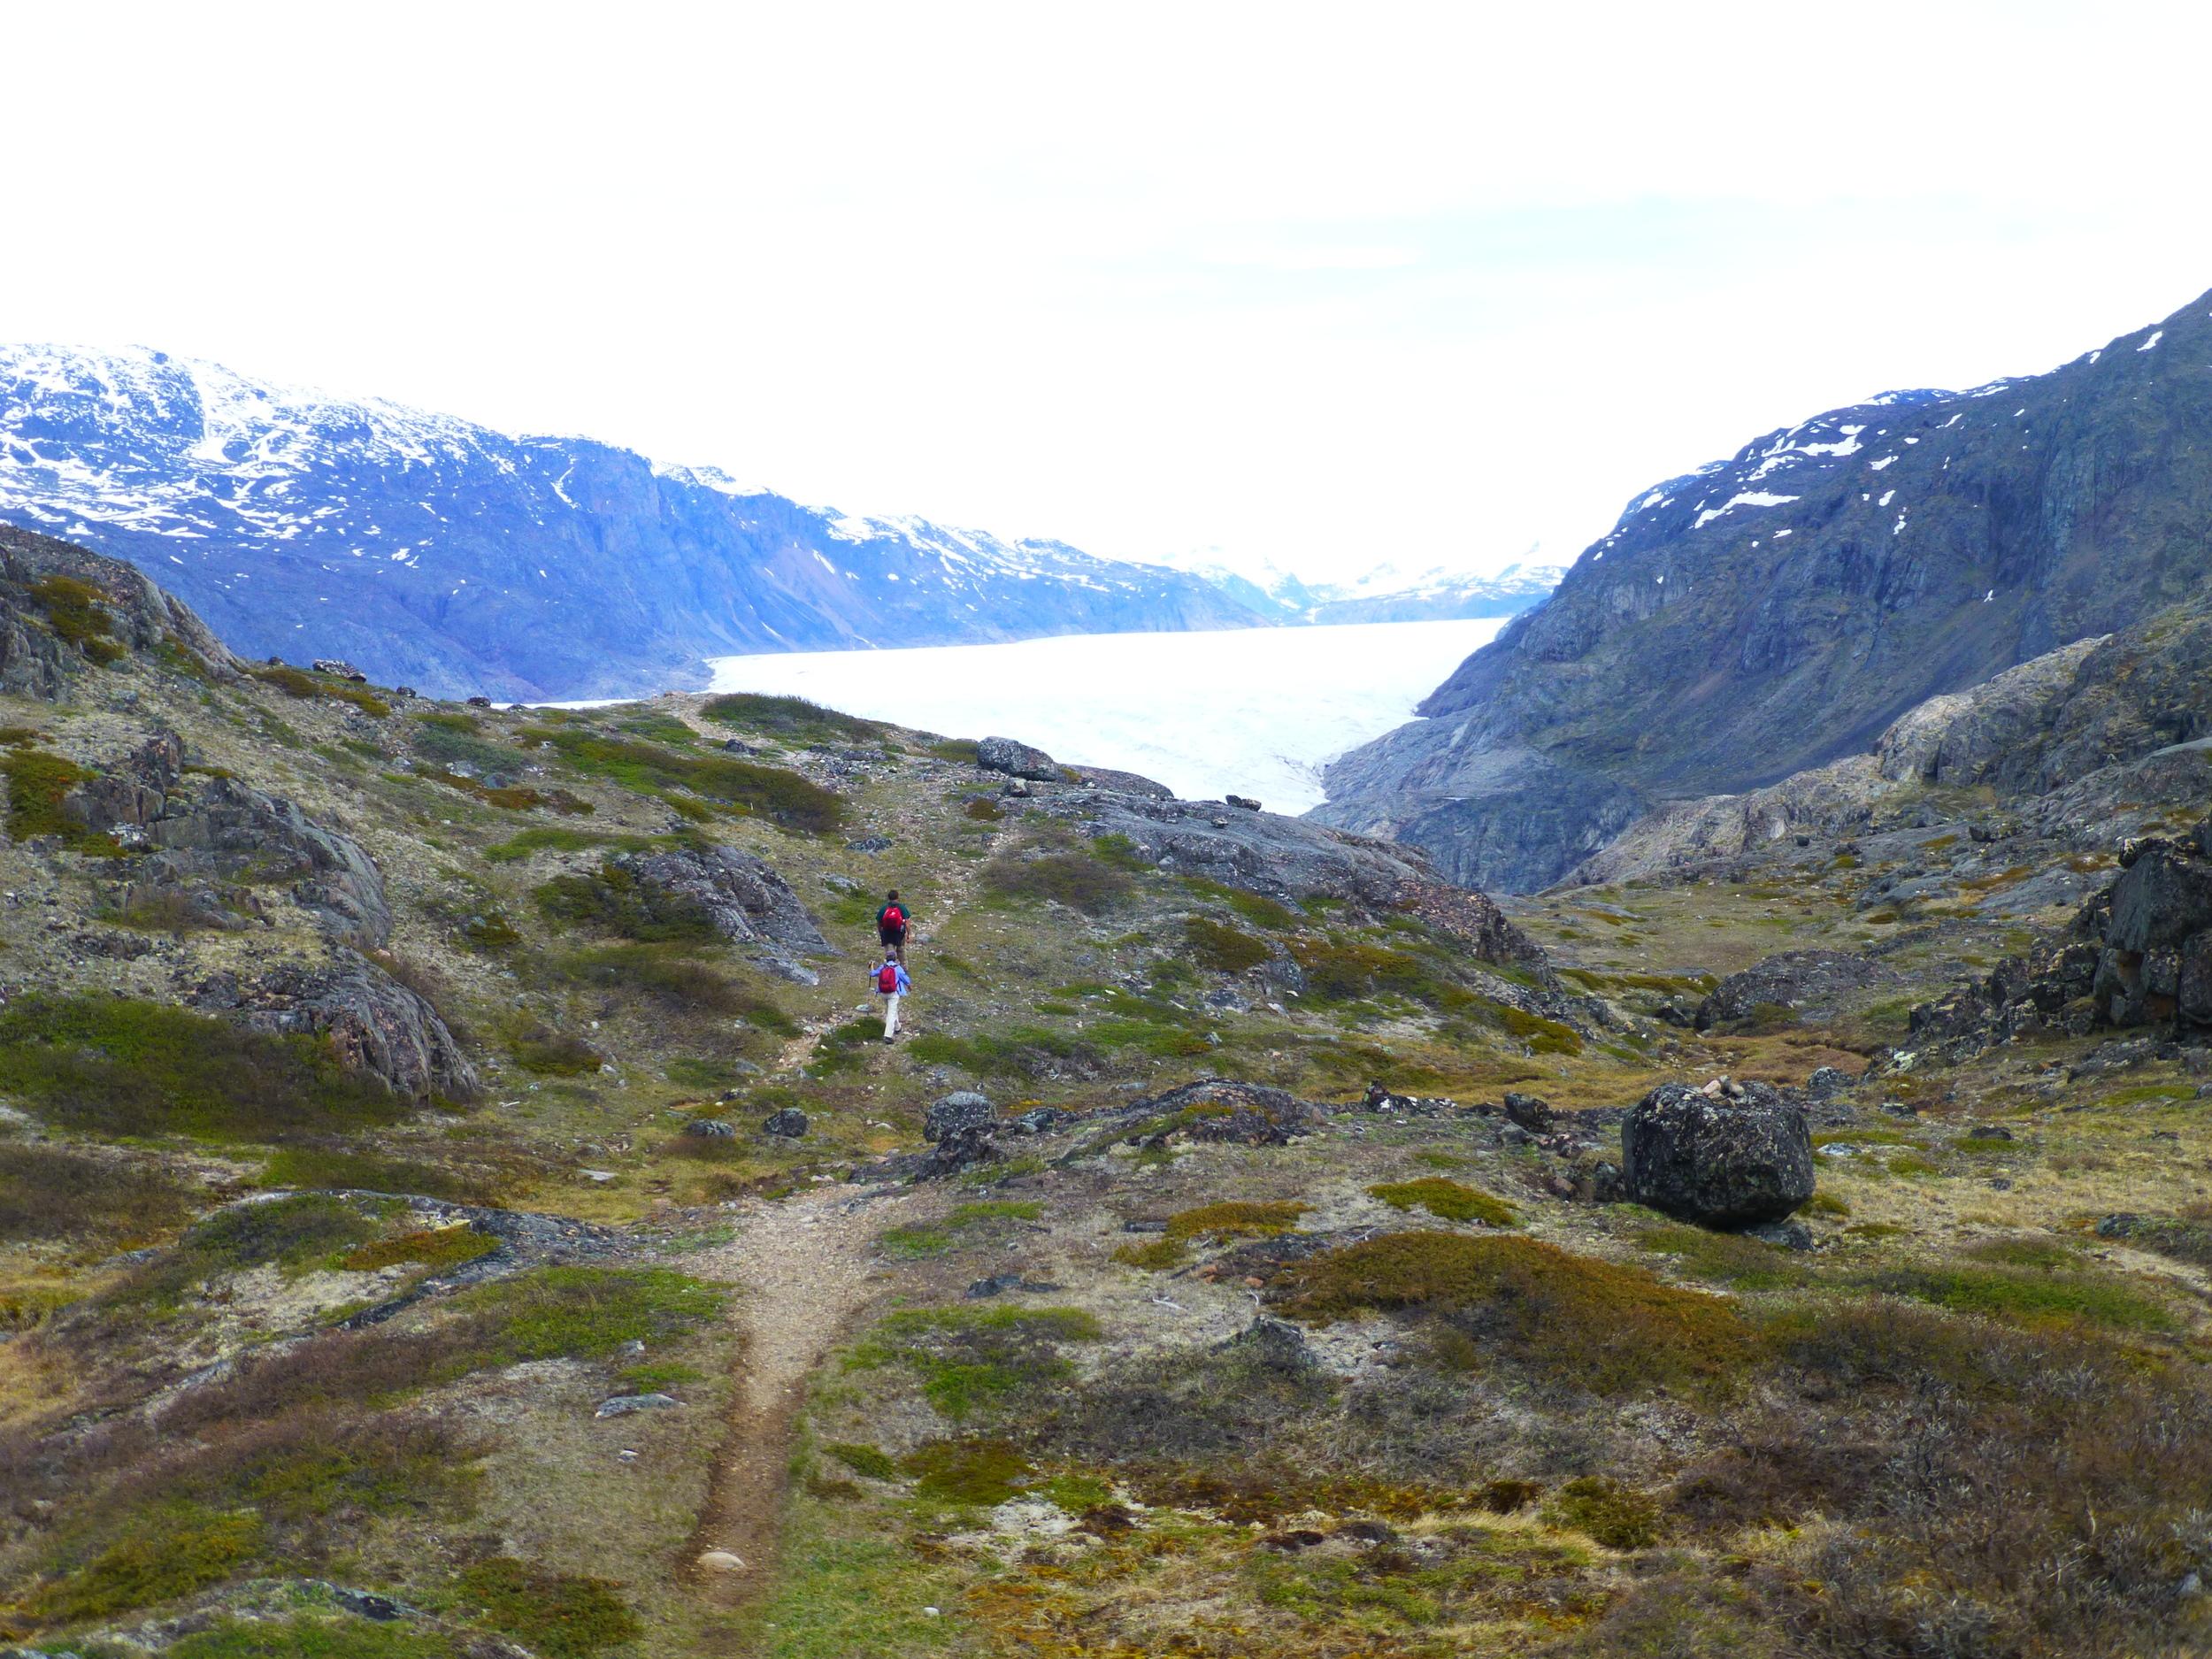 Nearing the Glacier